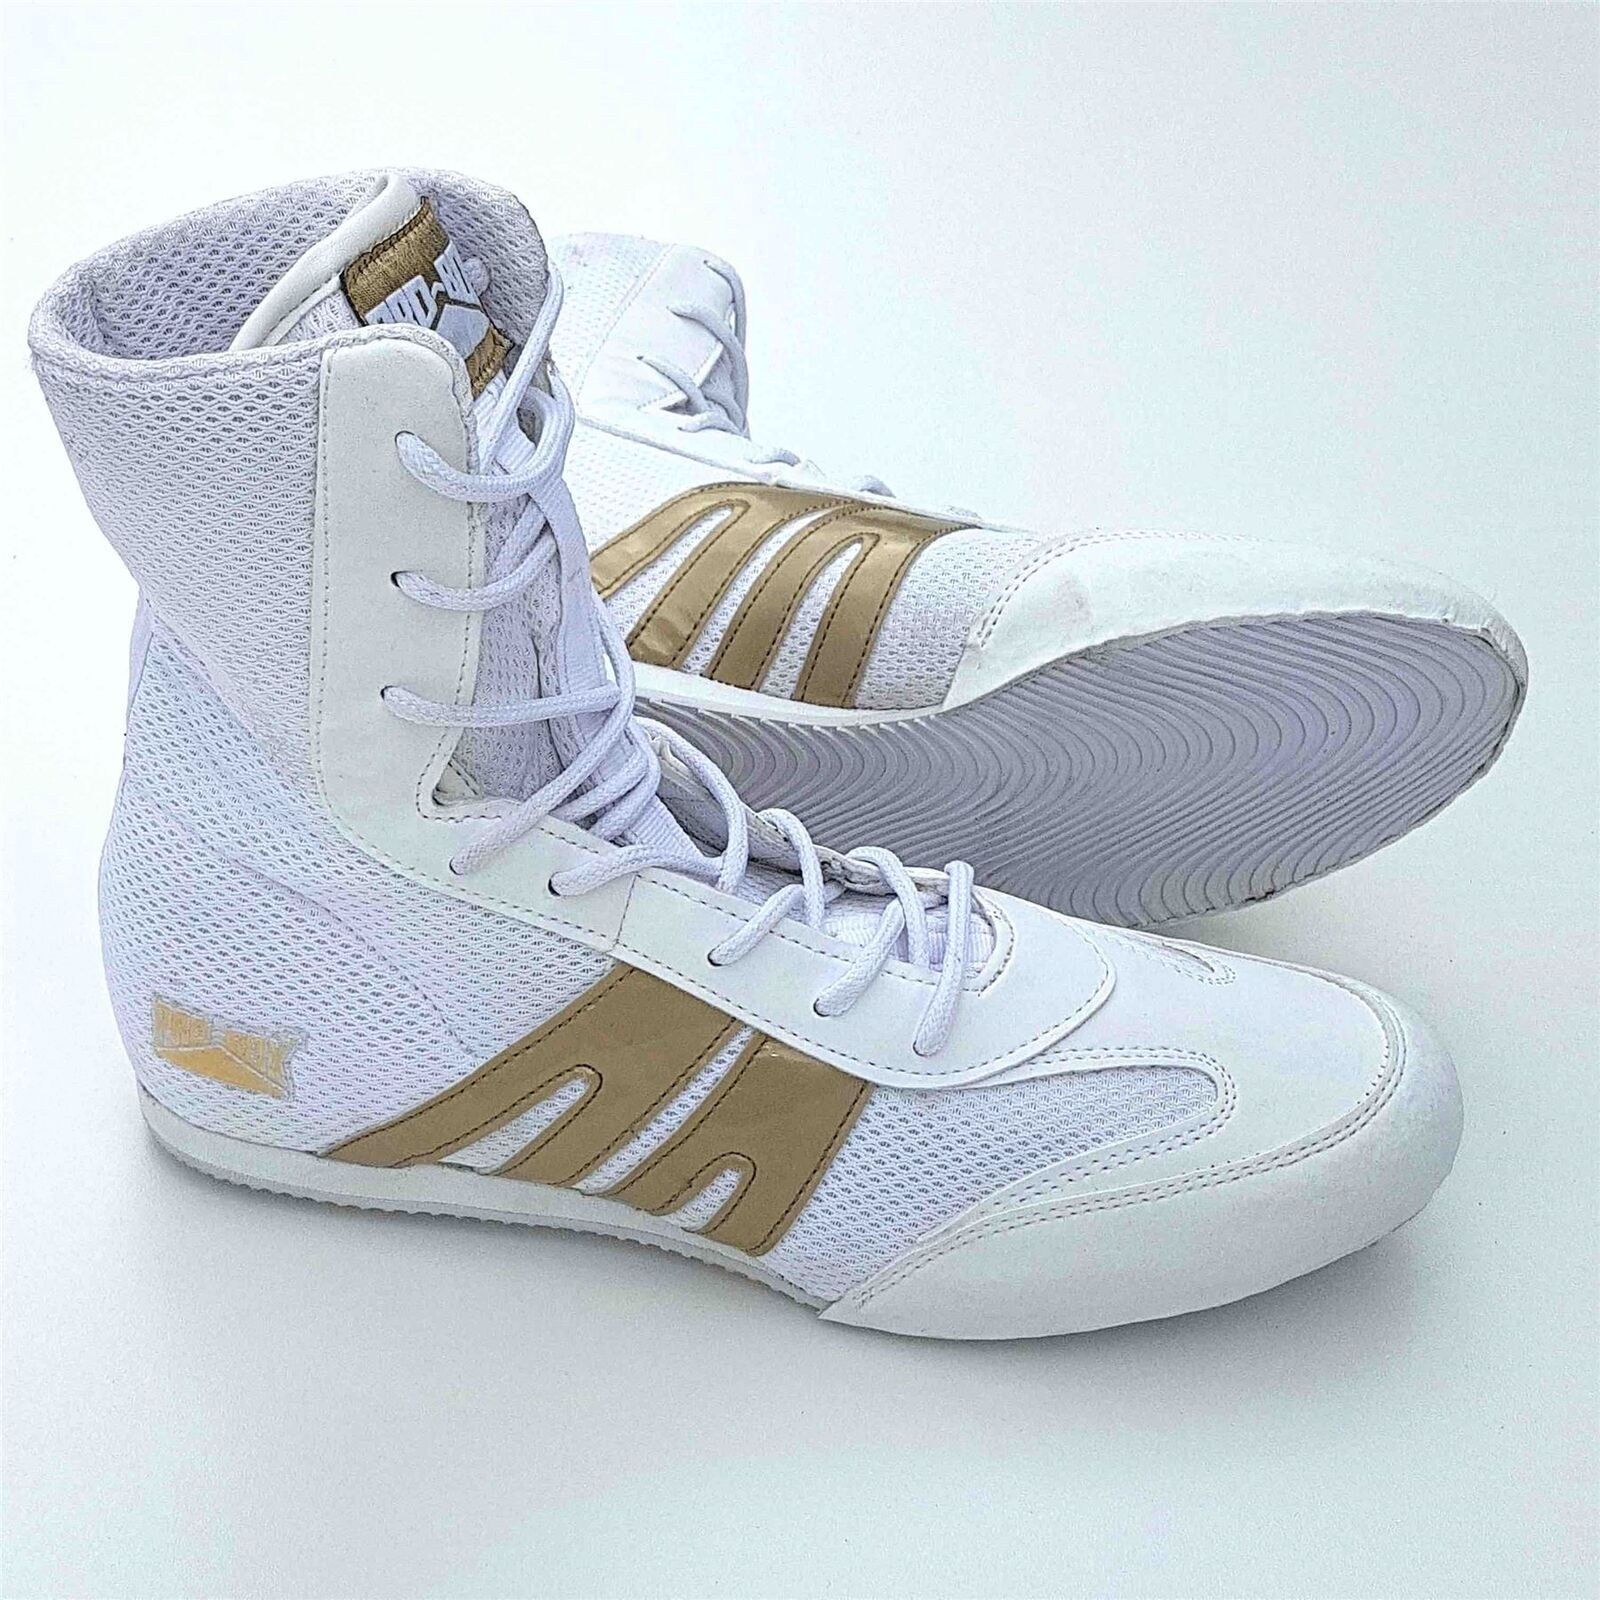 Pro Box Kinder Boxer Stiefel Junior Jungen Mädchen Weiß Weiß Weiß Goldfarben Training 31f76a